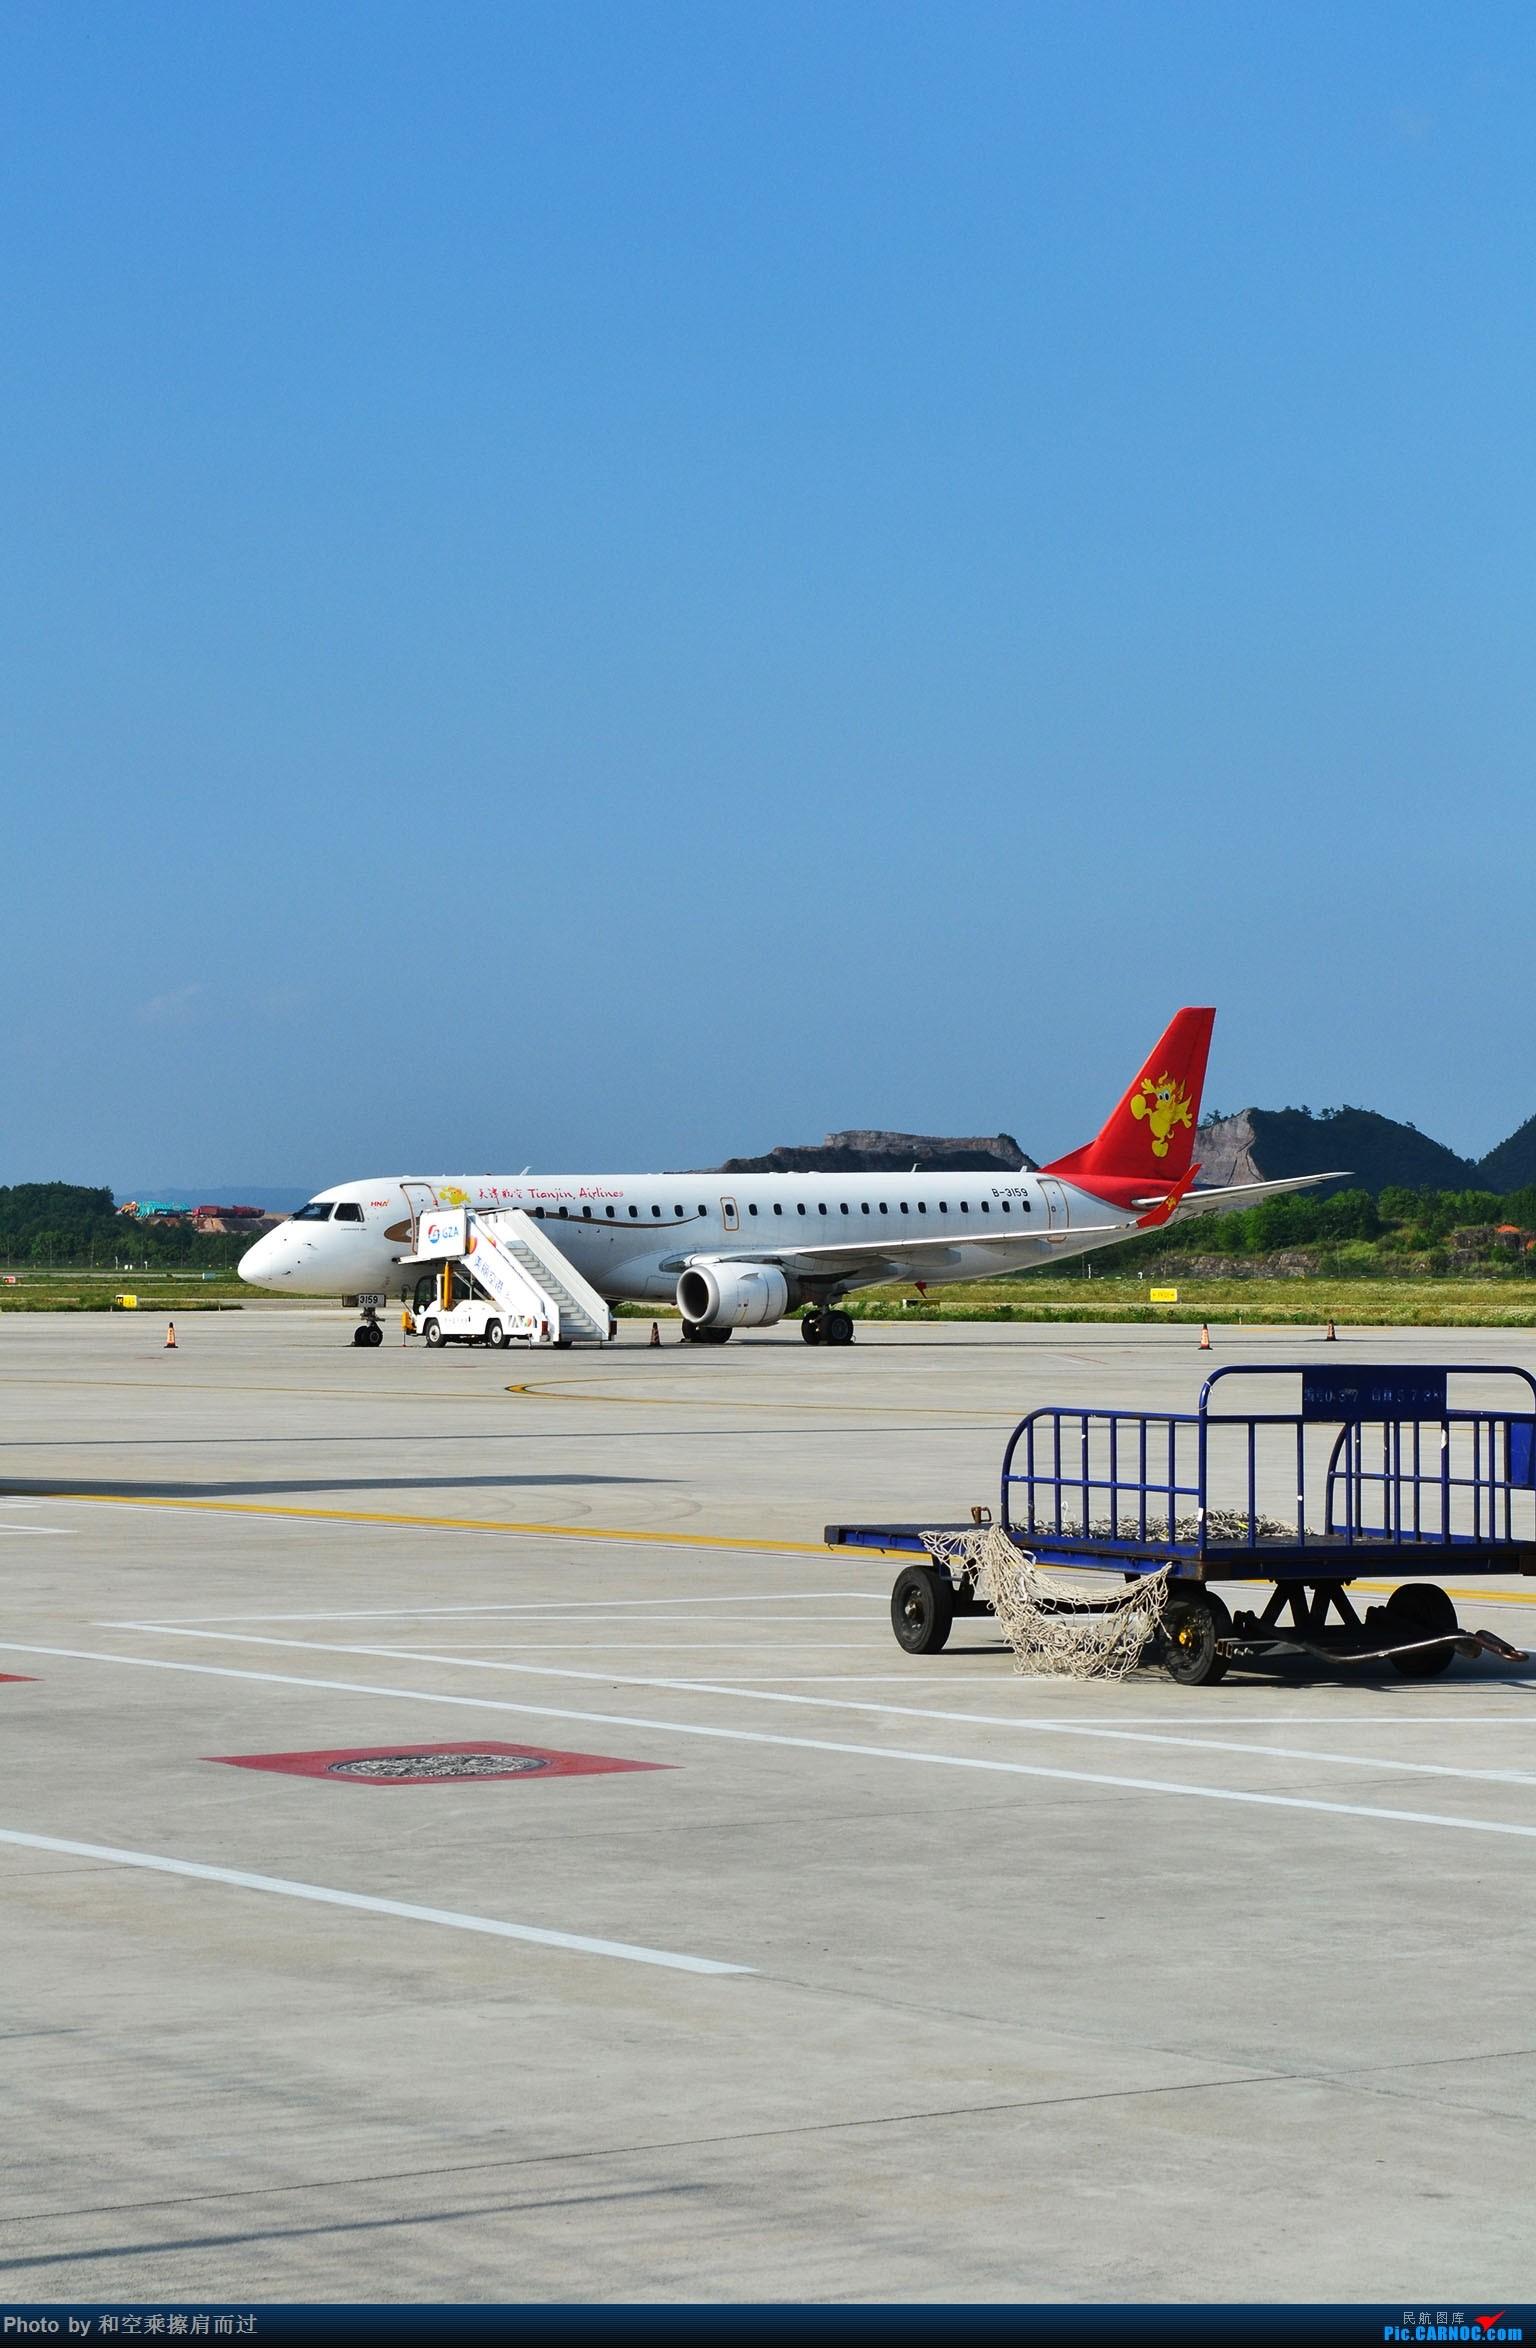 [原创]【KWE】七月六日晴 航母机场KWE冒险打机 新人求砸小飞机 EMBRAER E-190 B-3159 中国贵阳龙洞堡国际机场